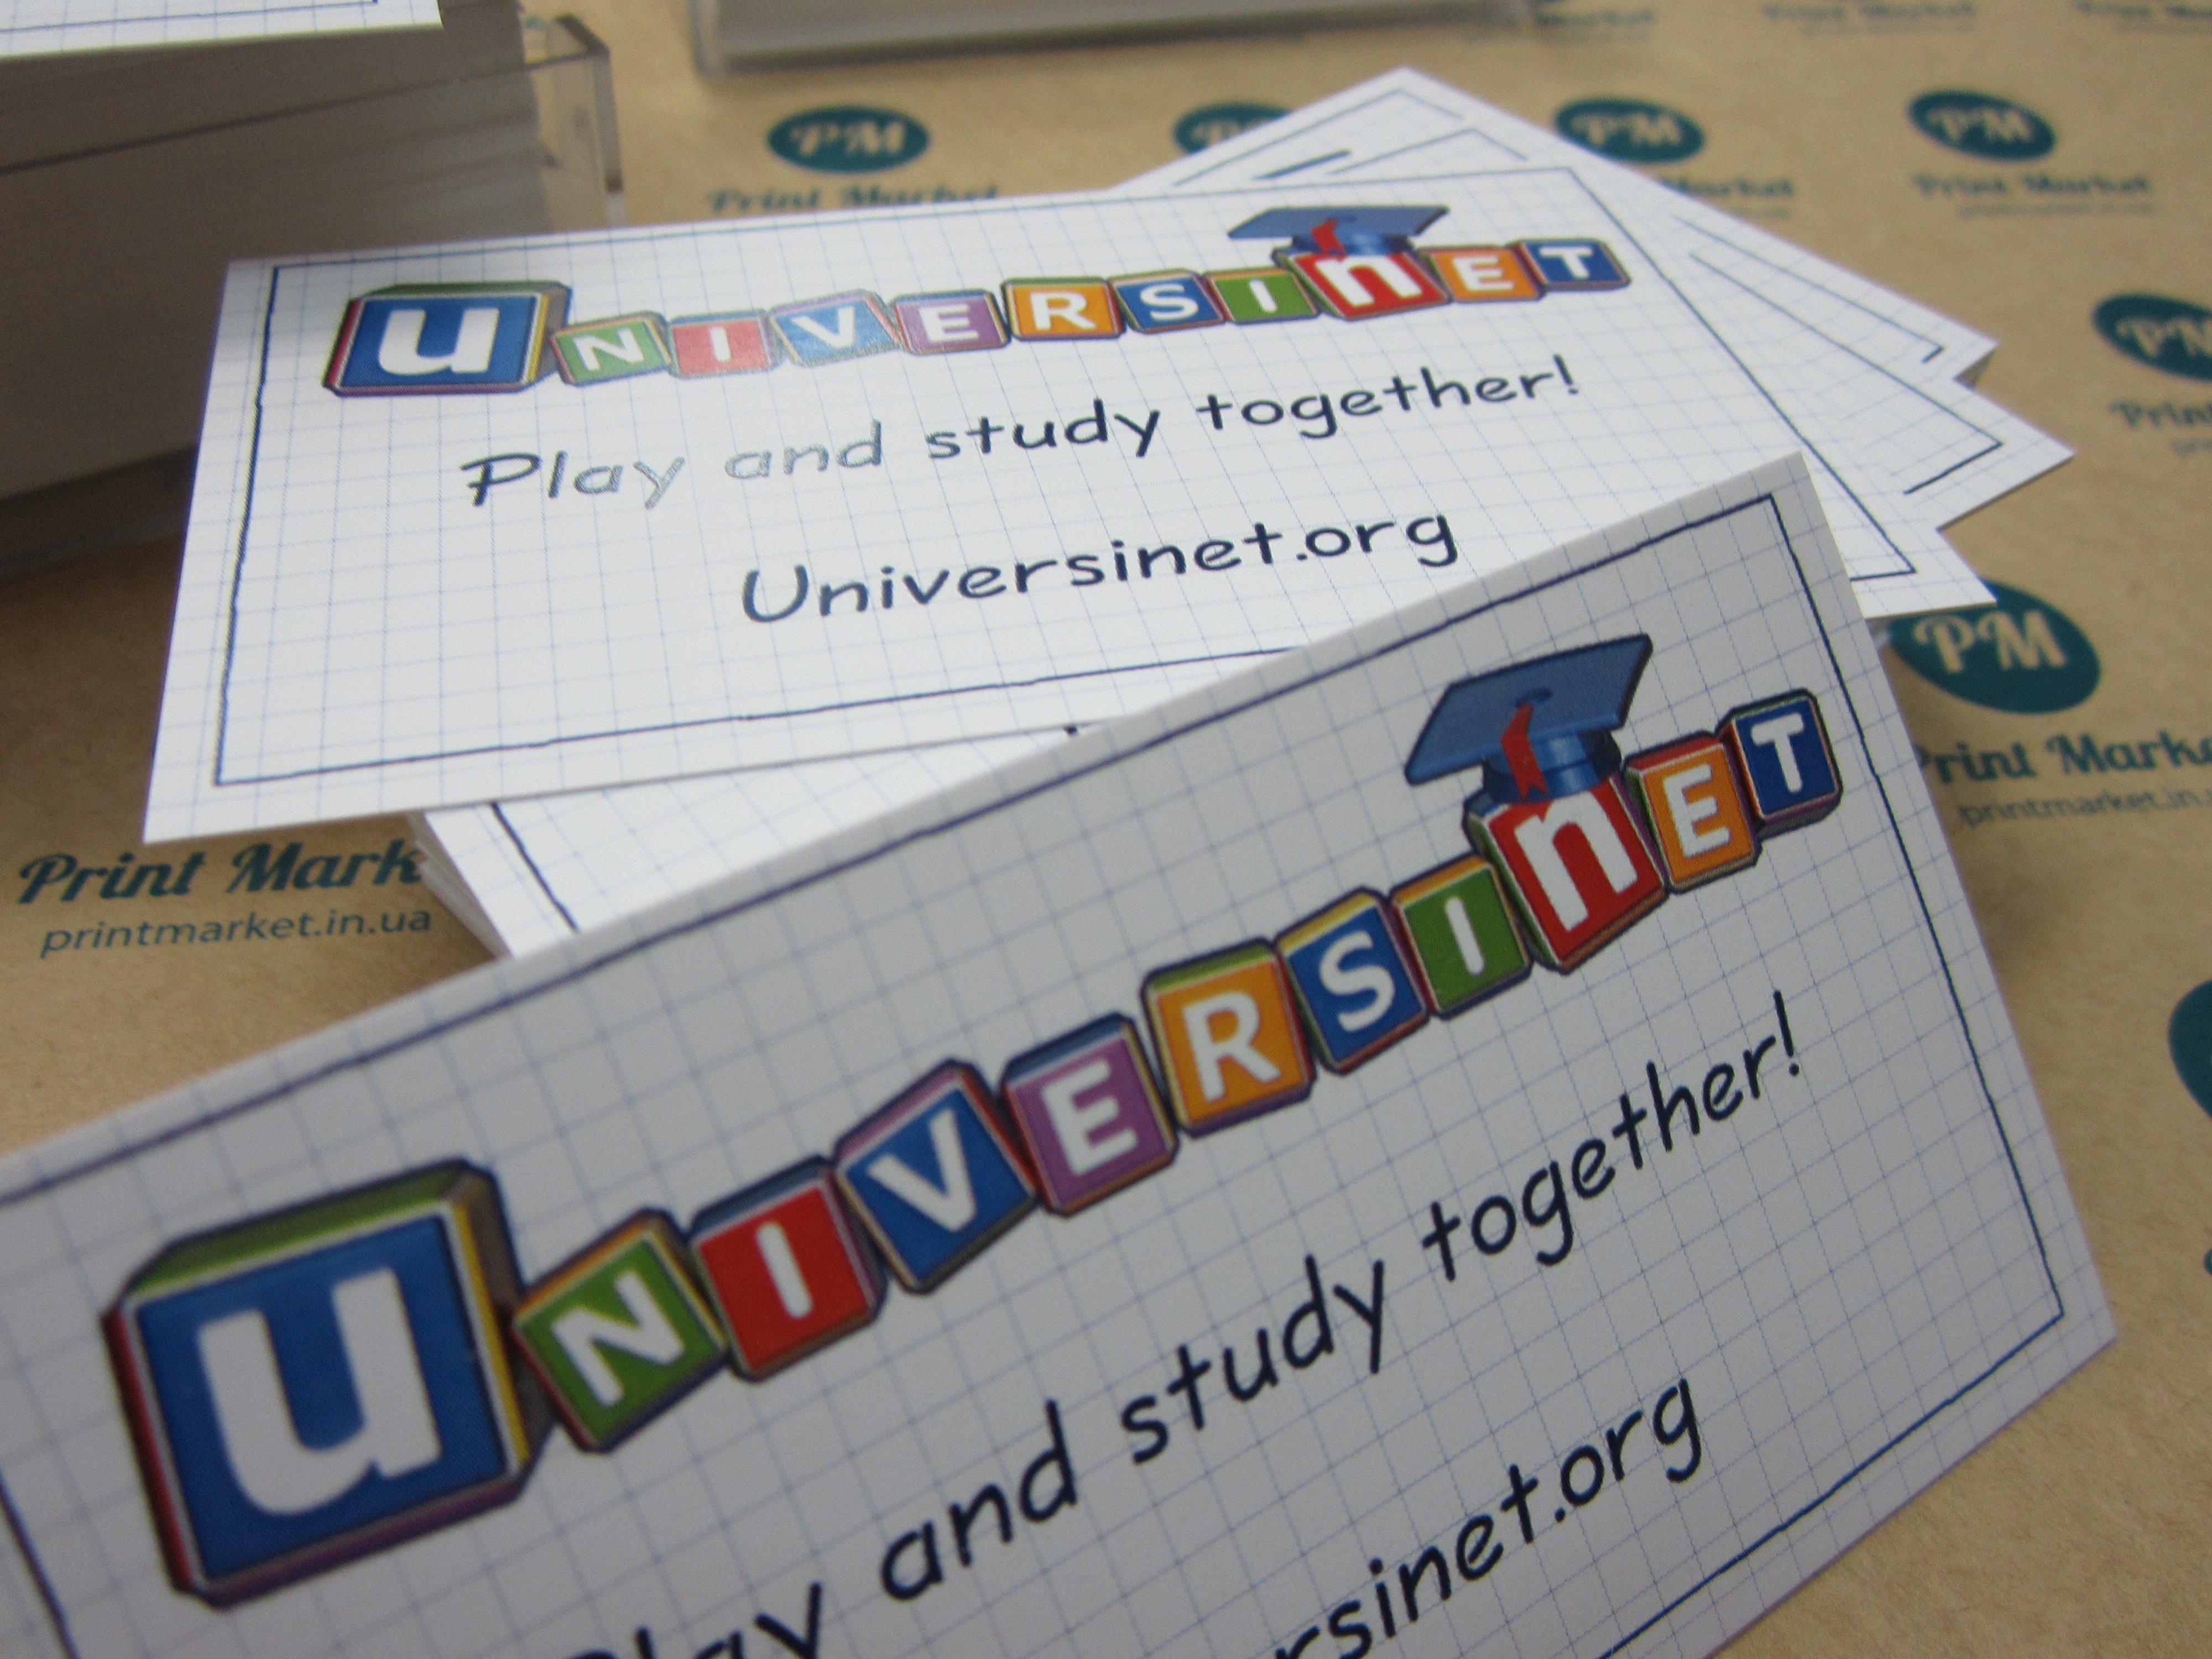 """Примеры наших работ #4 """"Визитки для Universinet """" 2"""